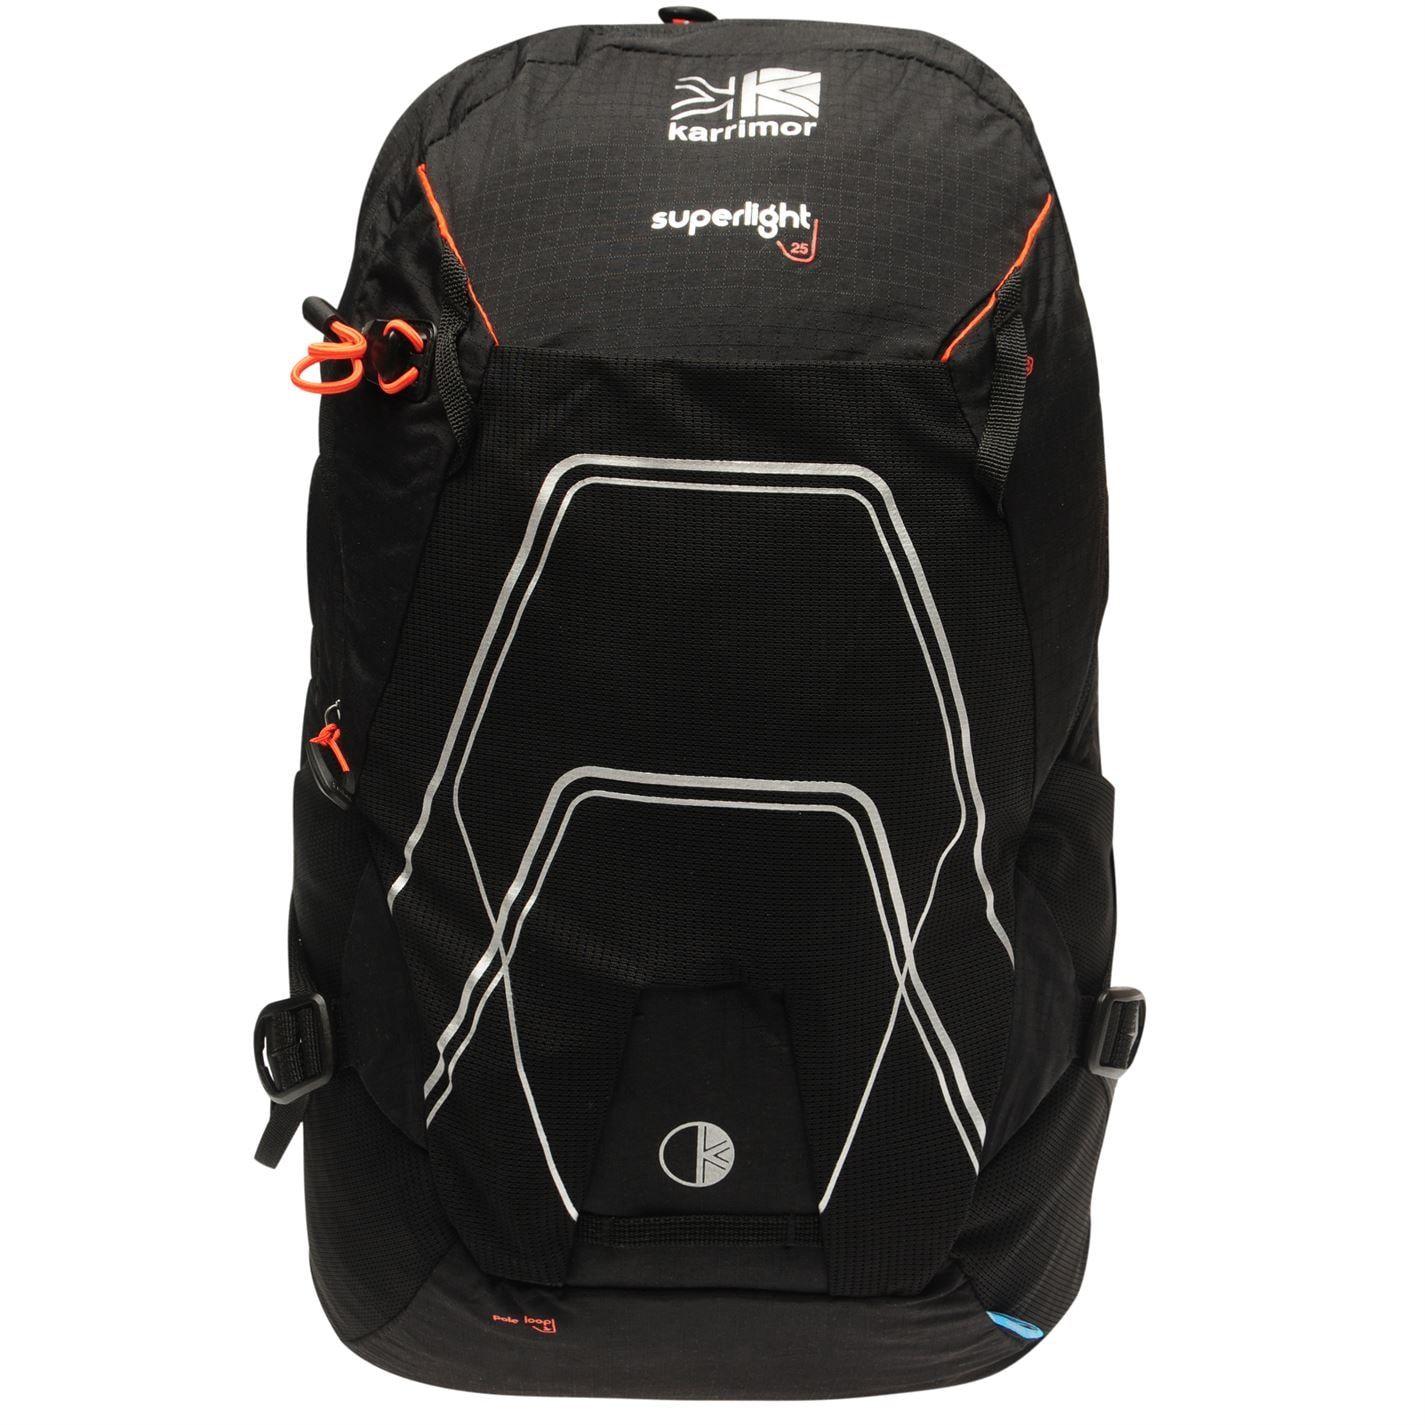 Karrimor Superlite 20 64 Backpack Daysack Rucksack Bag